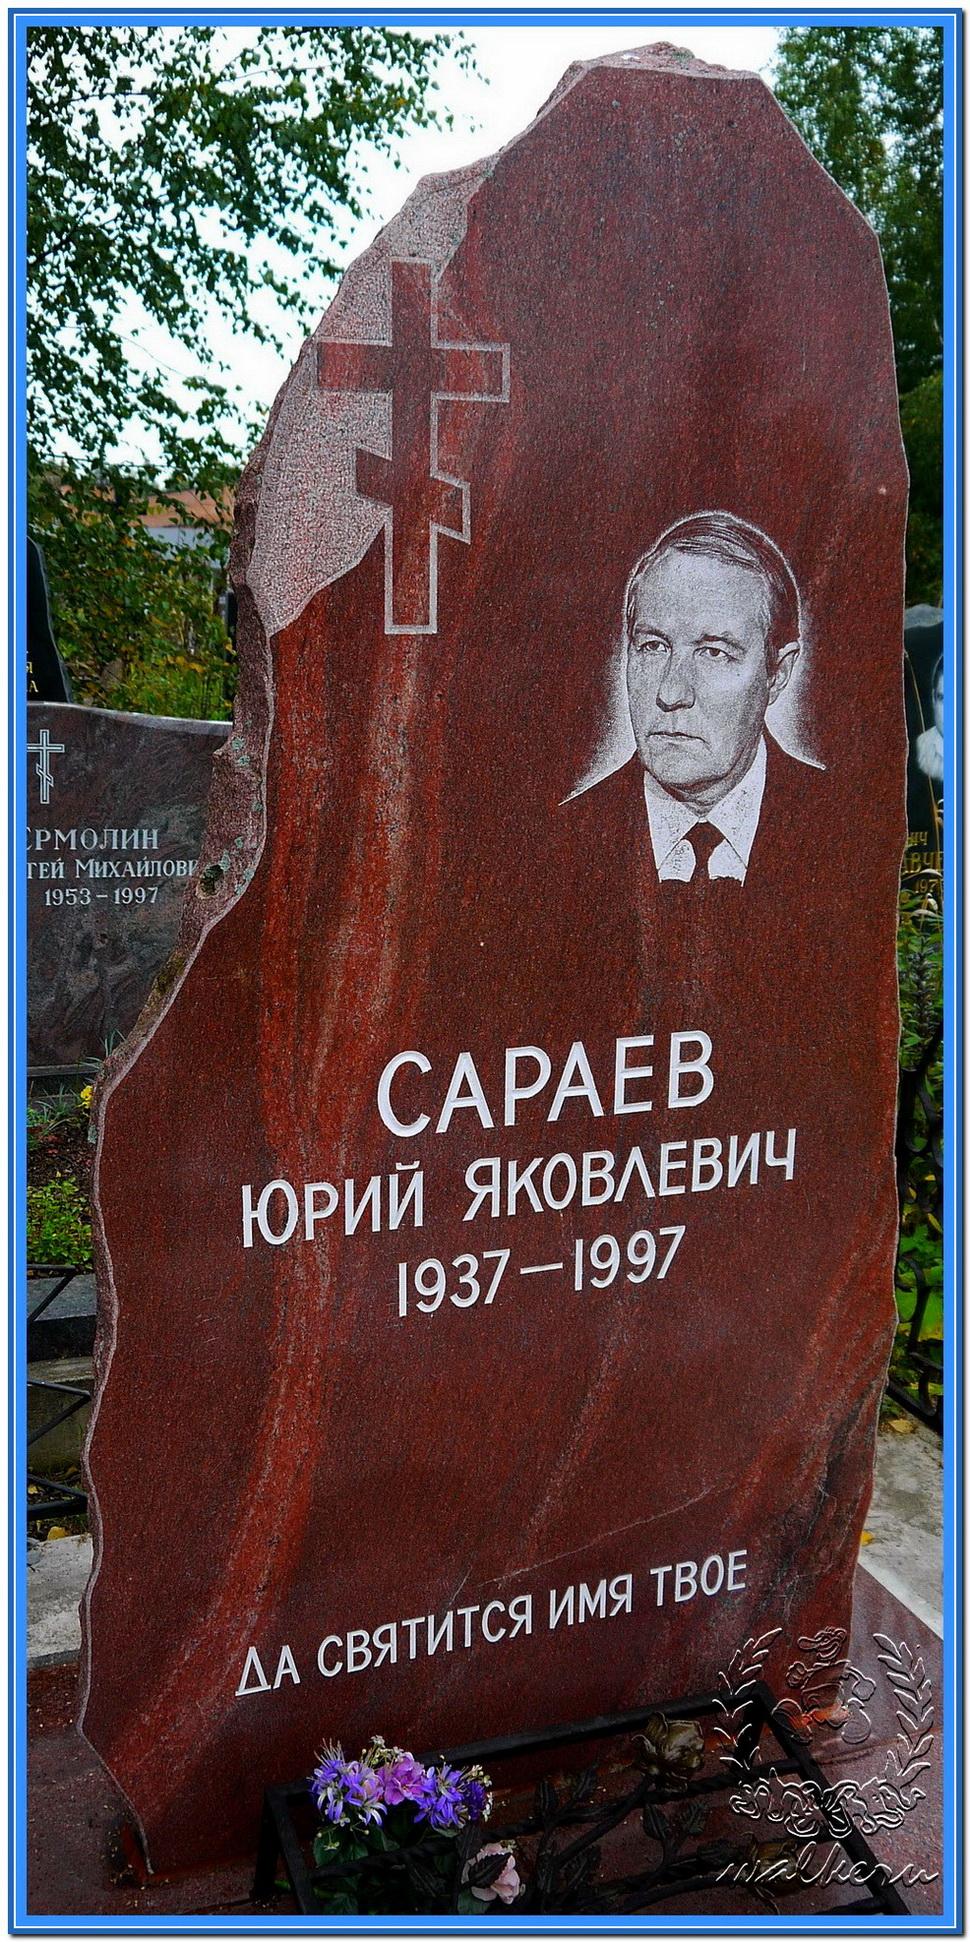 Сараев Юрий Яковлевич